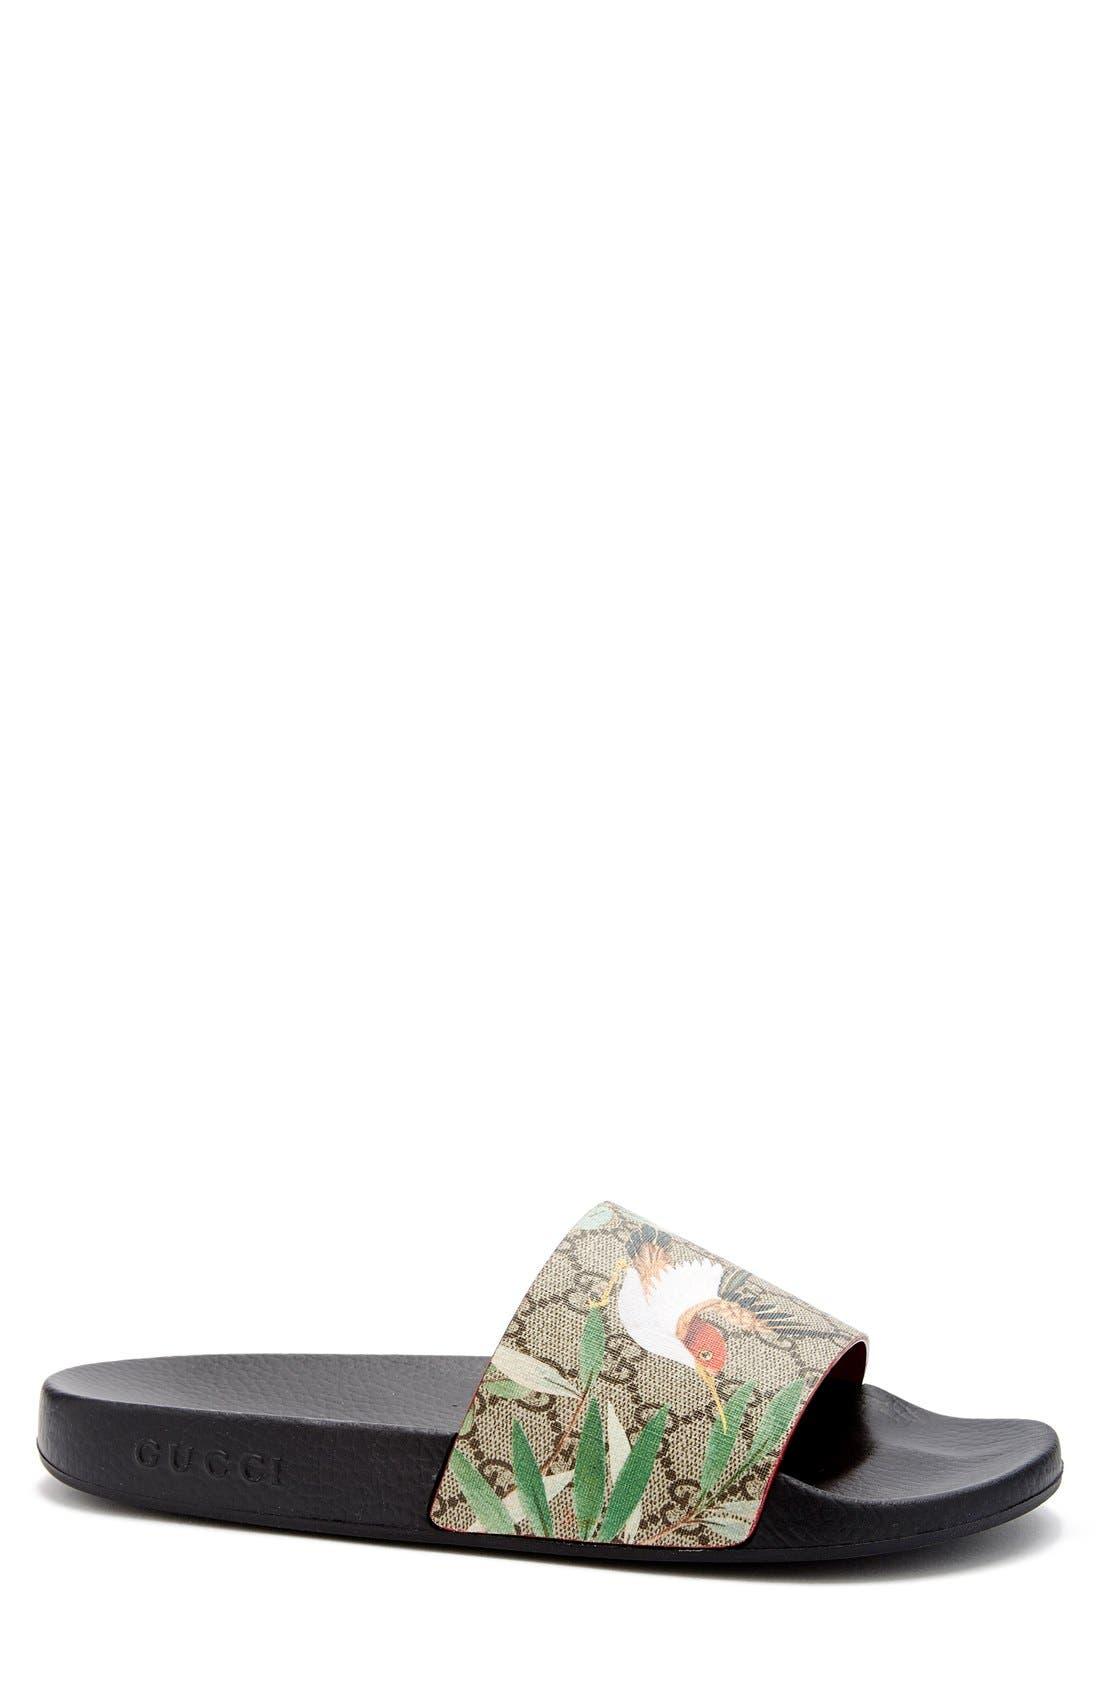 Main Image - Gucci 'Pursuit '72 Slide' Sandal (Men)